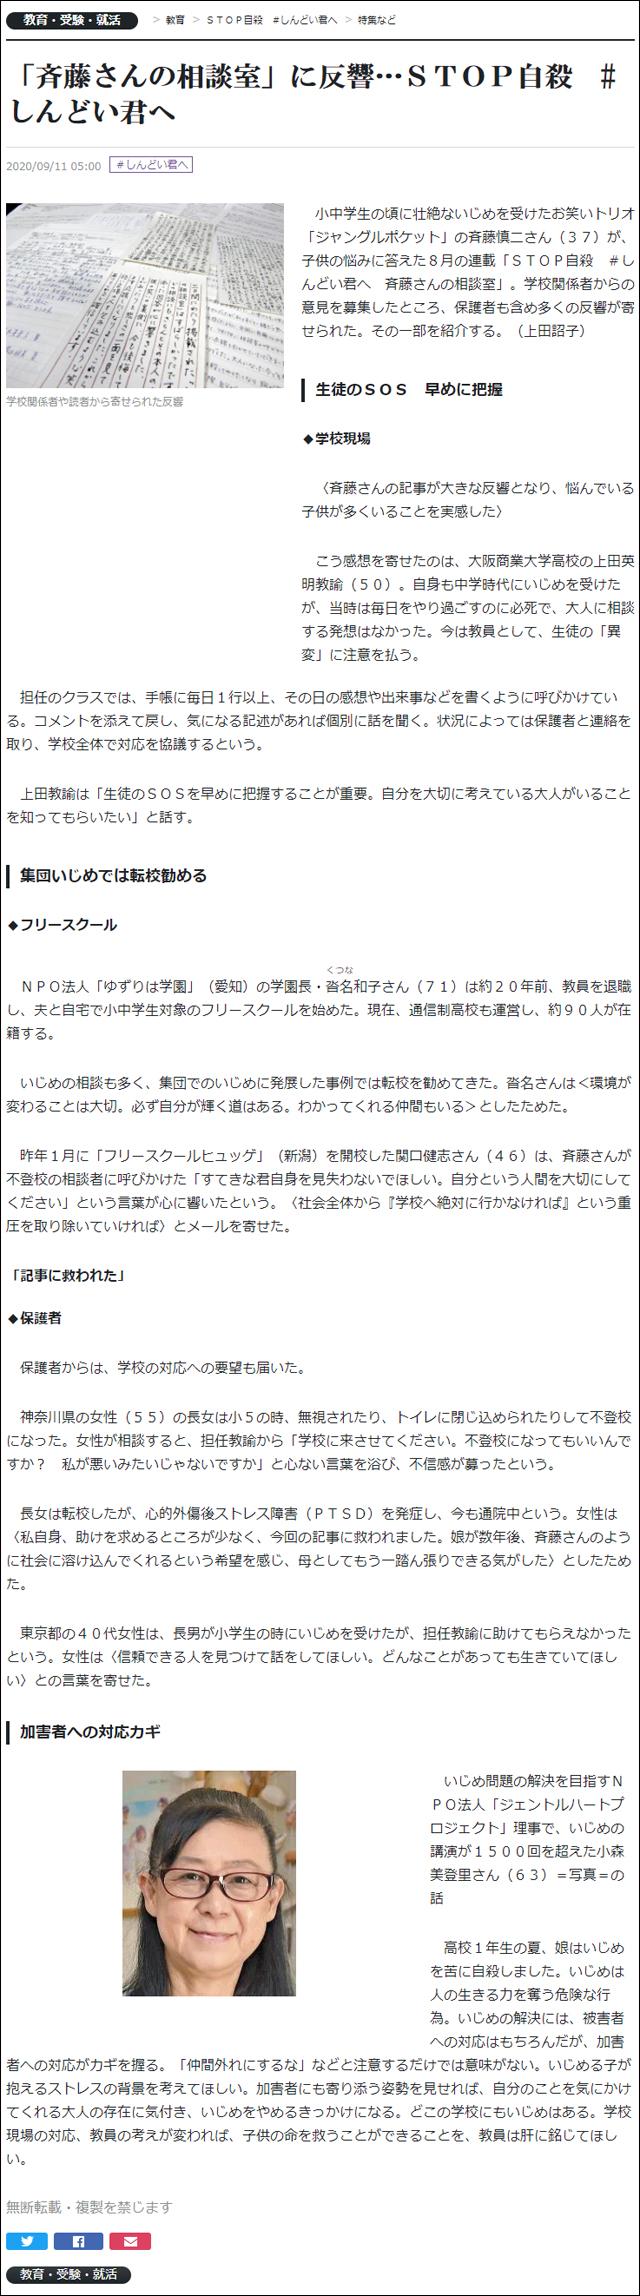 小森美登里:読売新聞、2020年9月11日「『斉藤さんの相談室』に反響…STOP自殺 #しんどい君へ」掲載